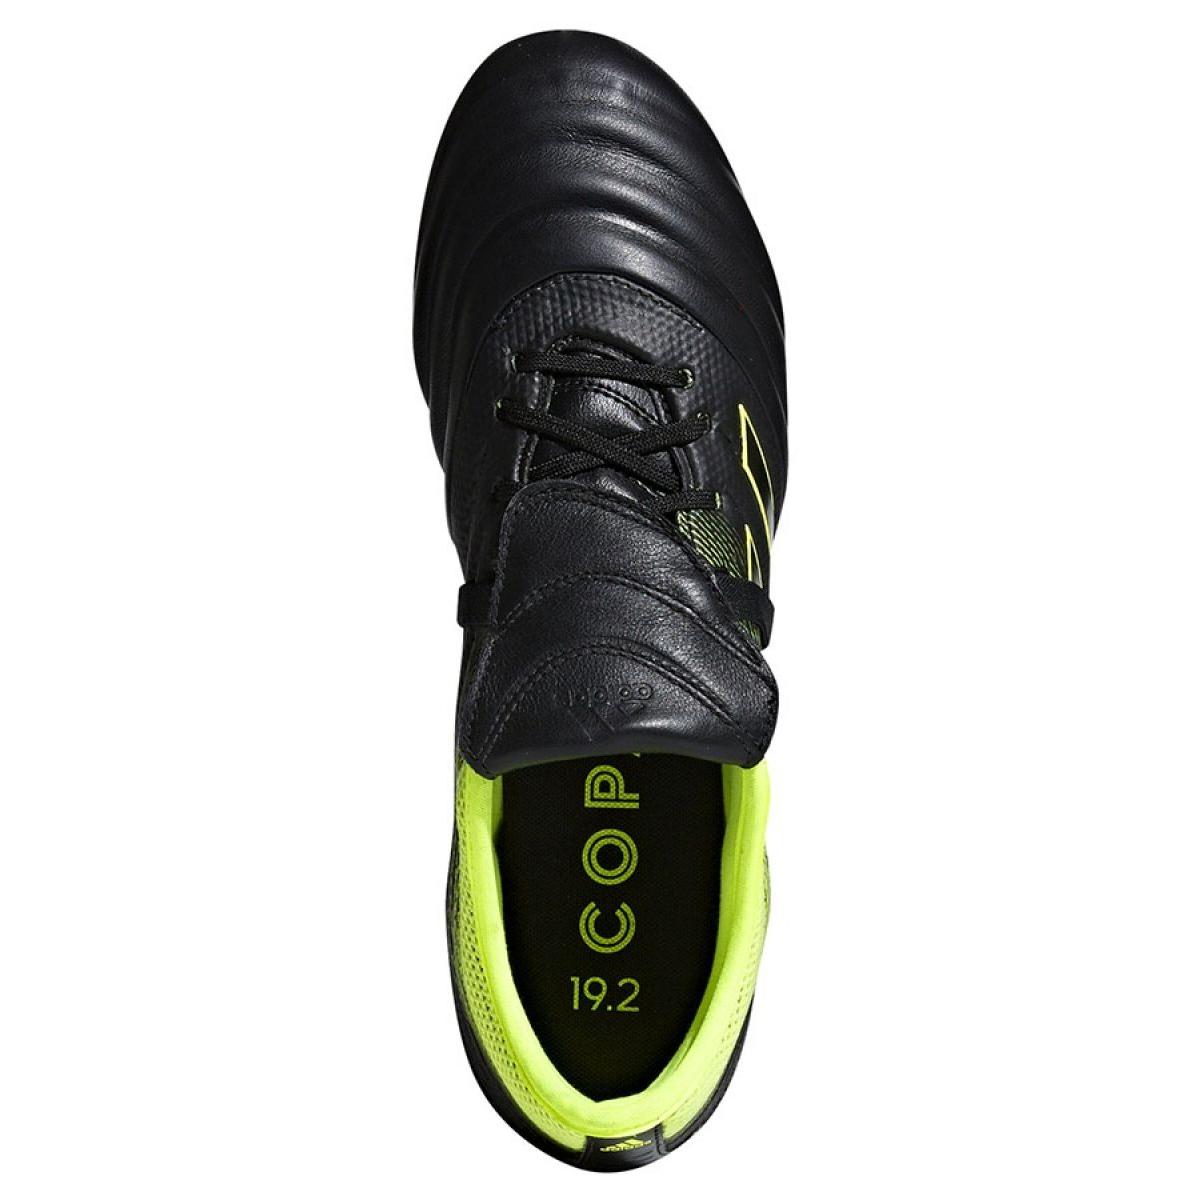 adidas Copa Gloro 19.2 SG F36080